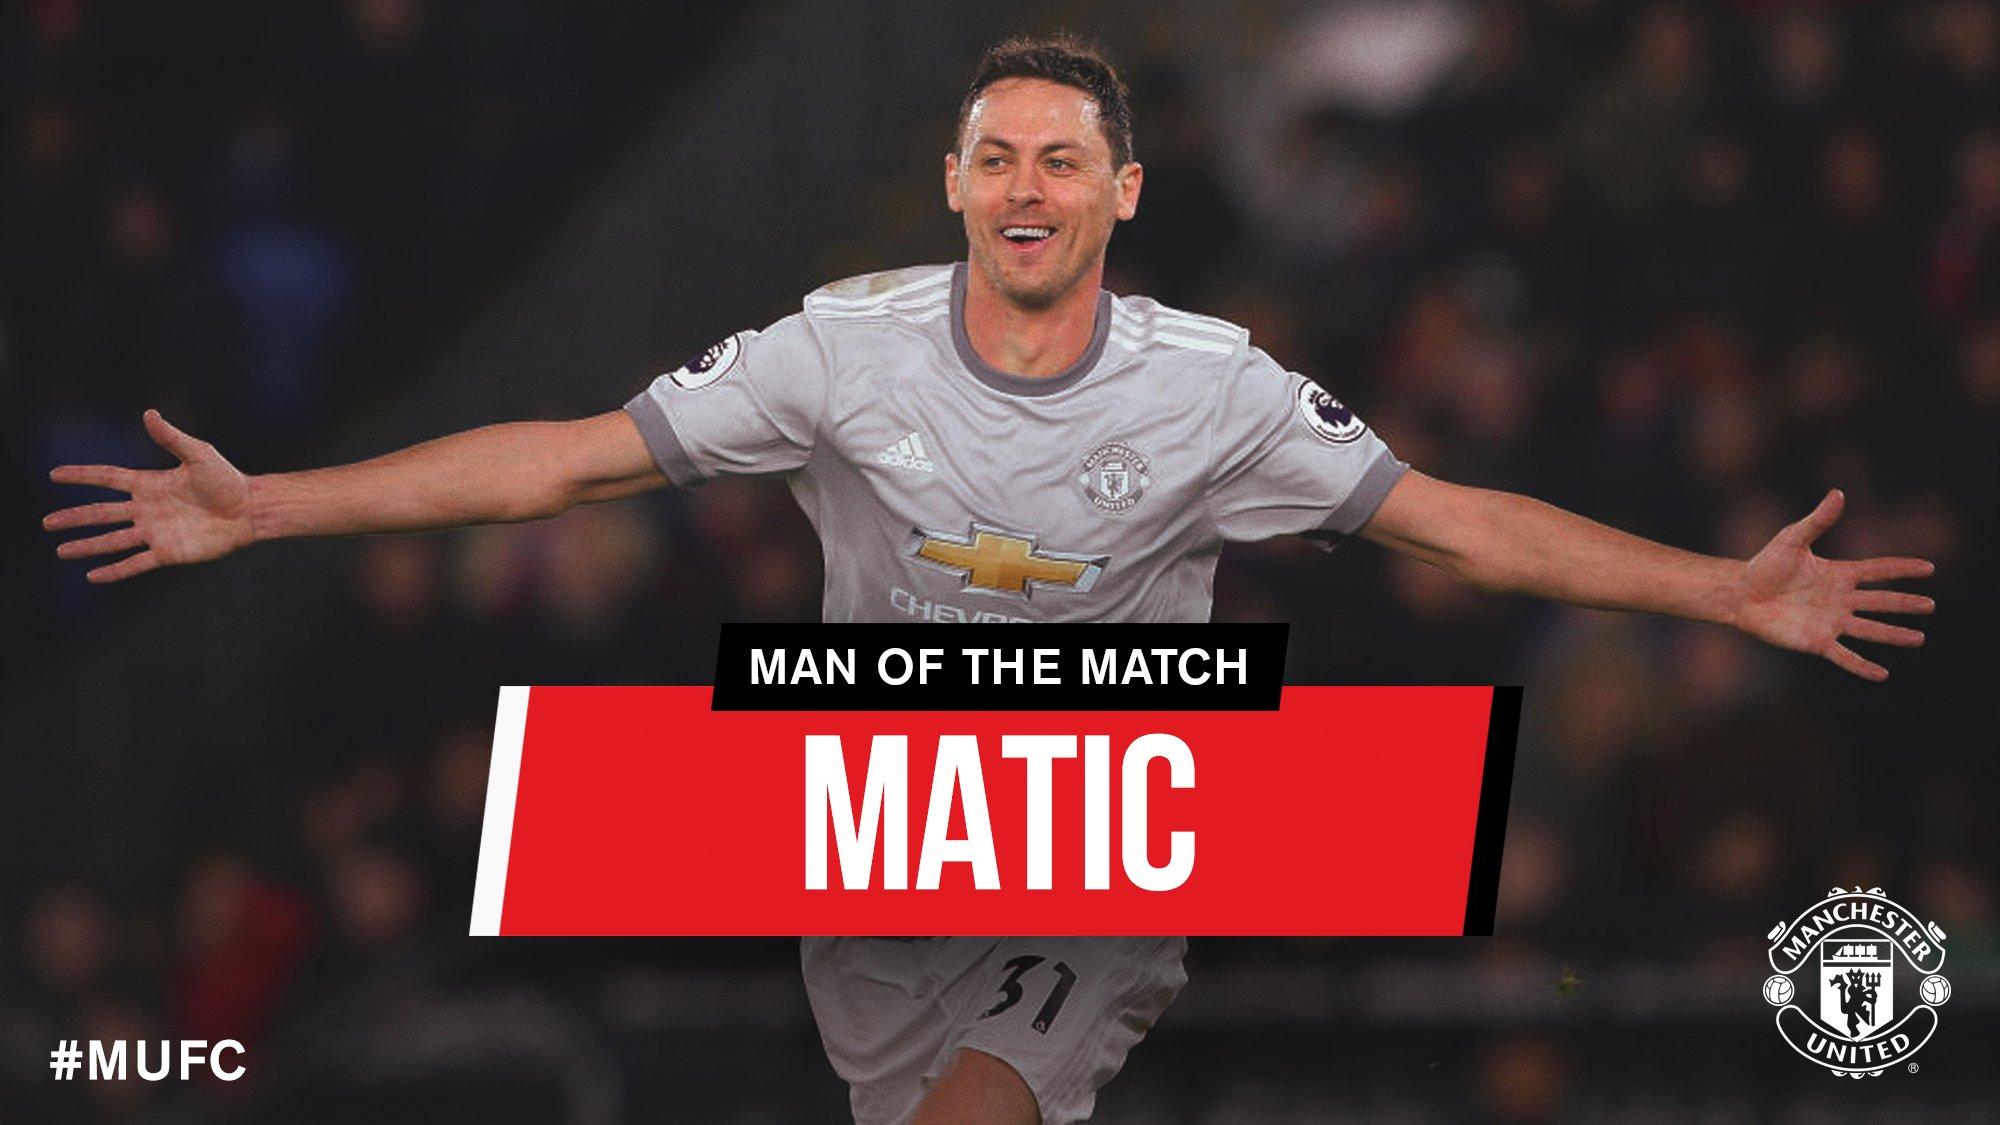 绝杀功臣!马蒂奇被球迷票选为曼联全场最佳